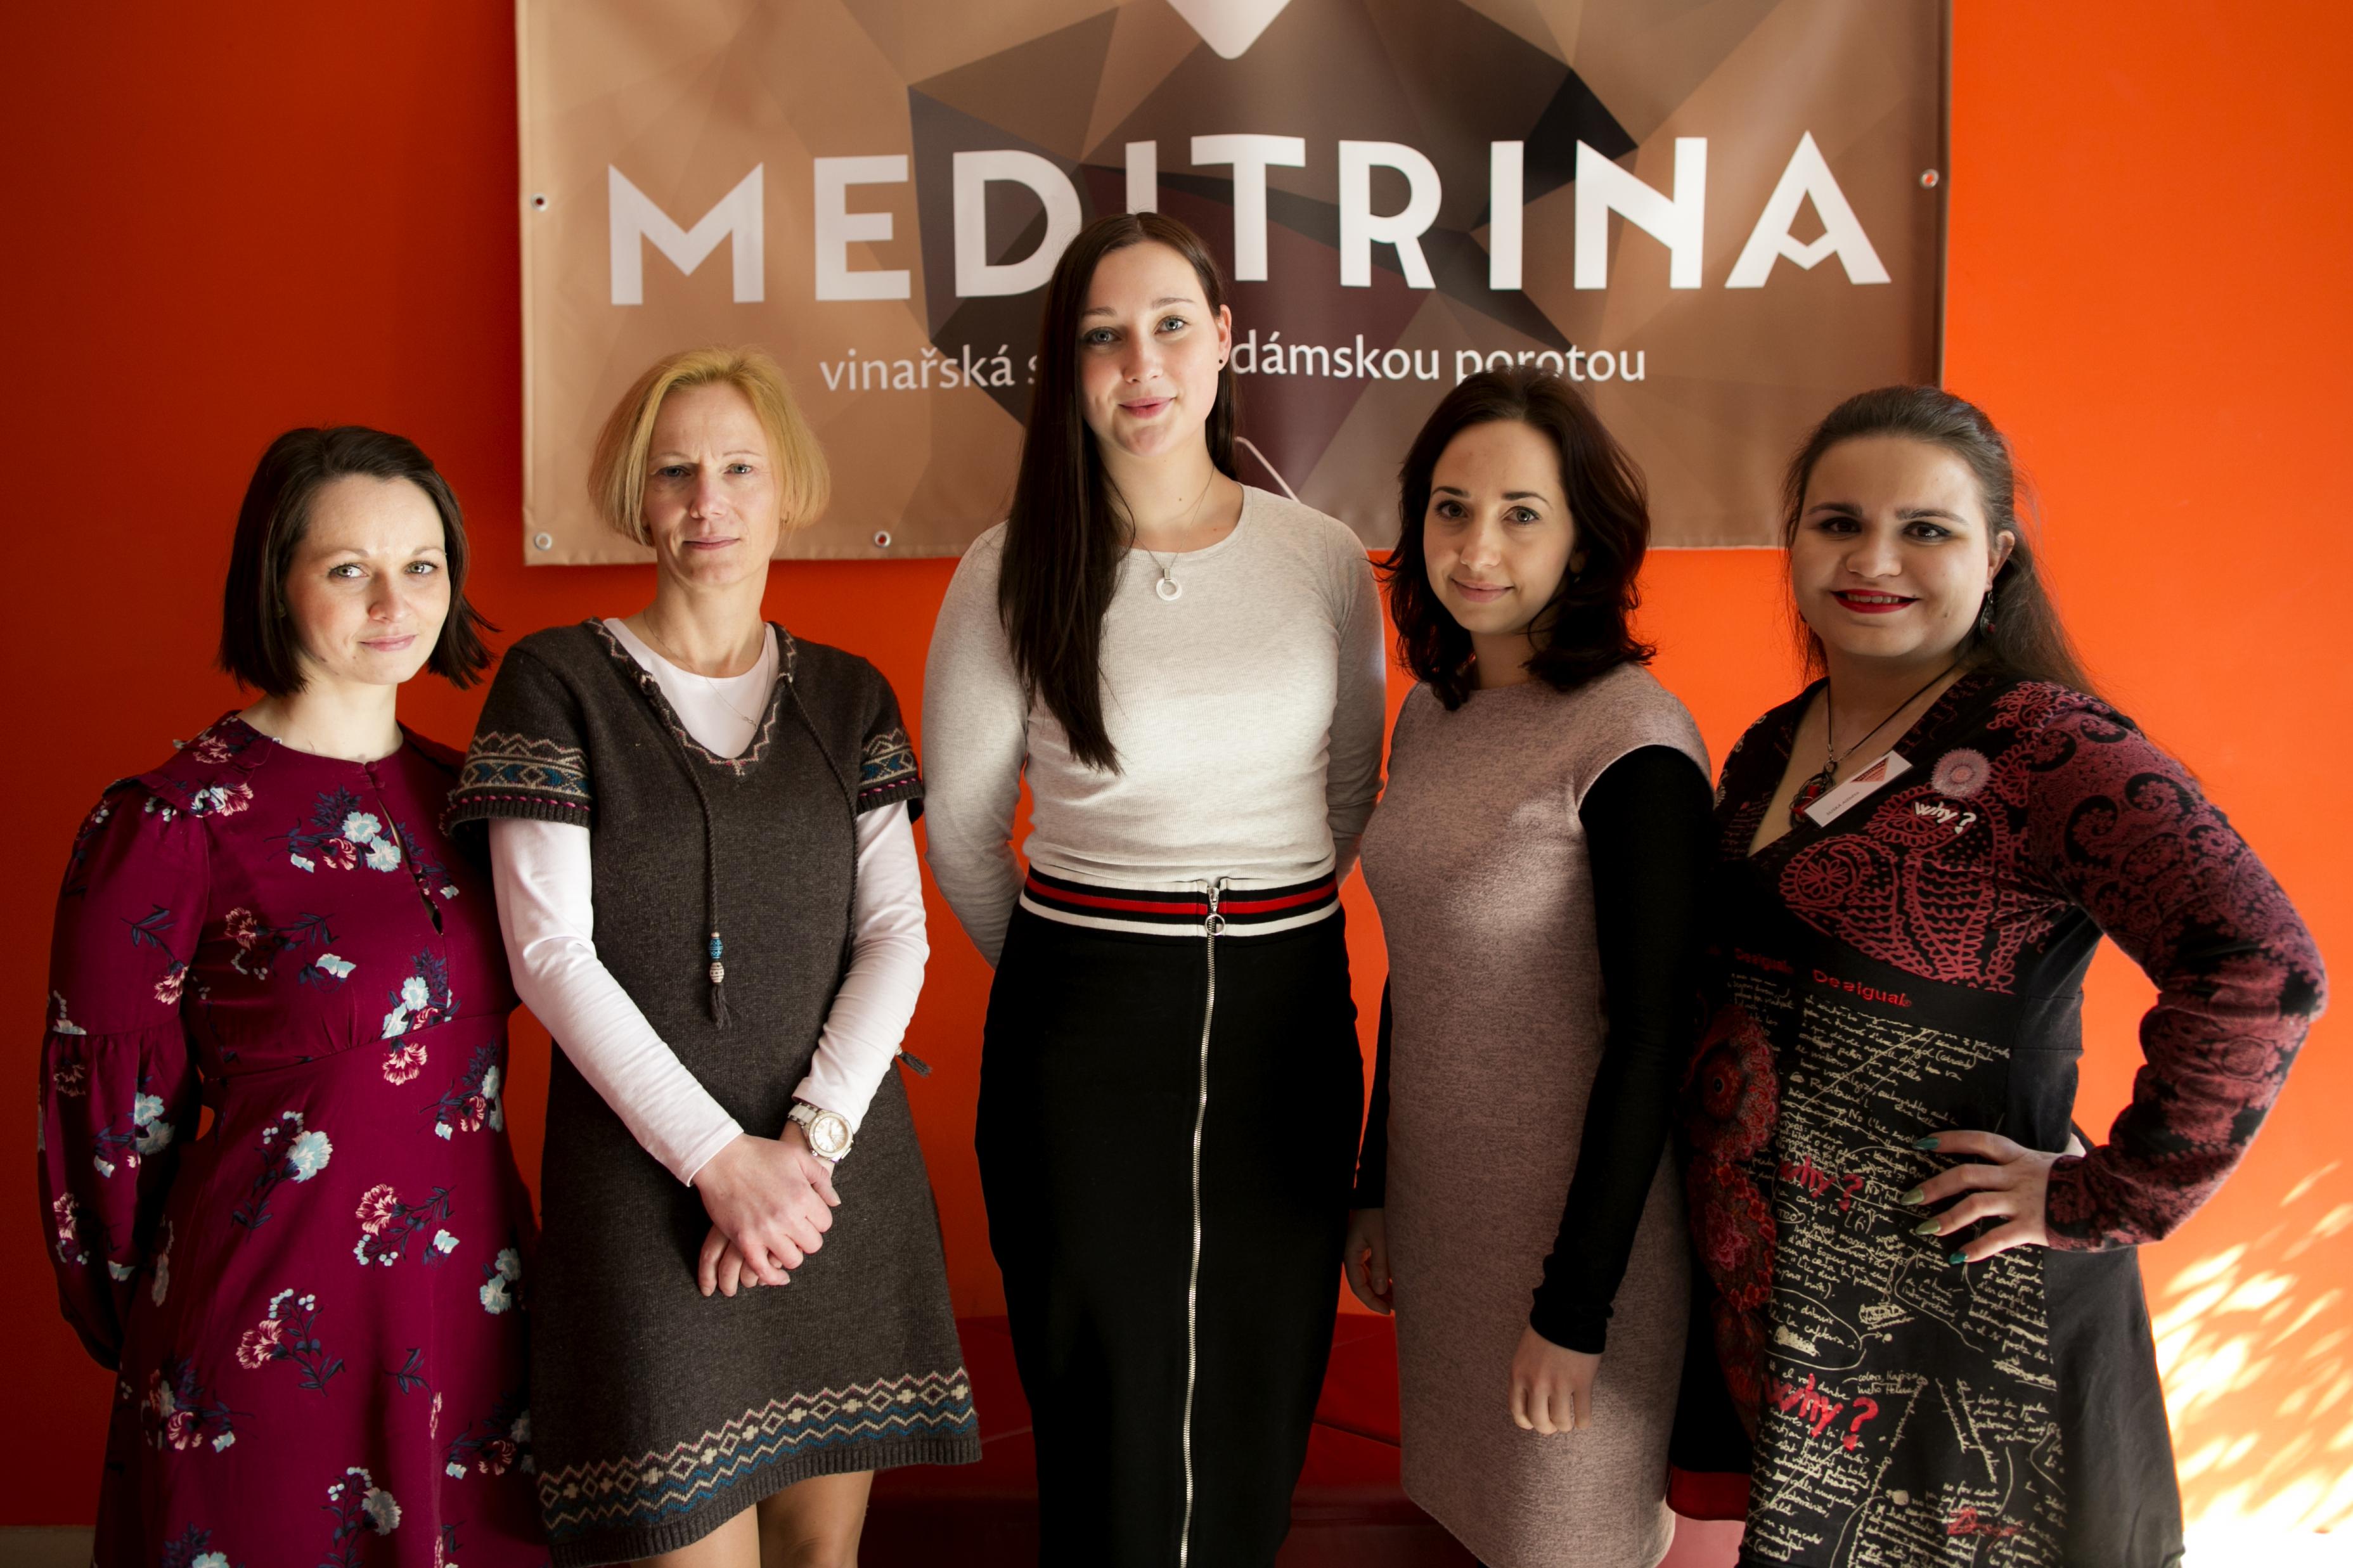 Meditrina_98